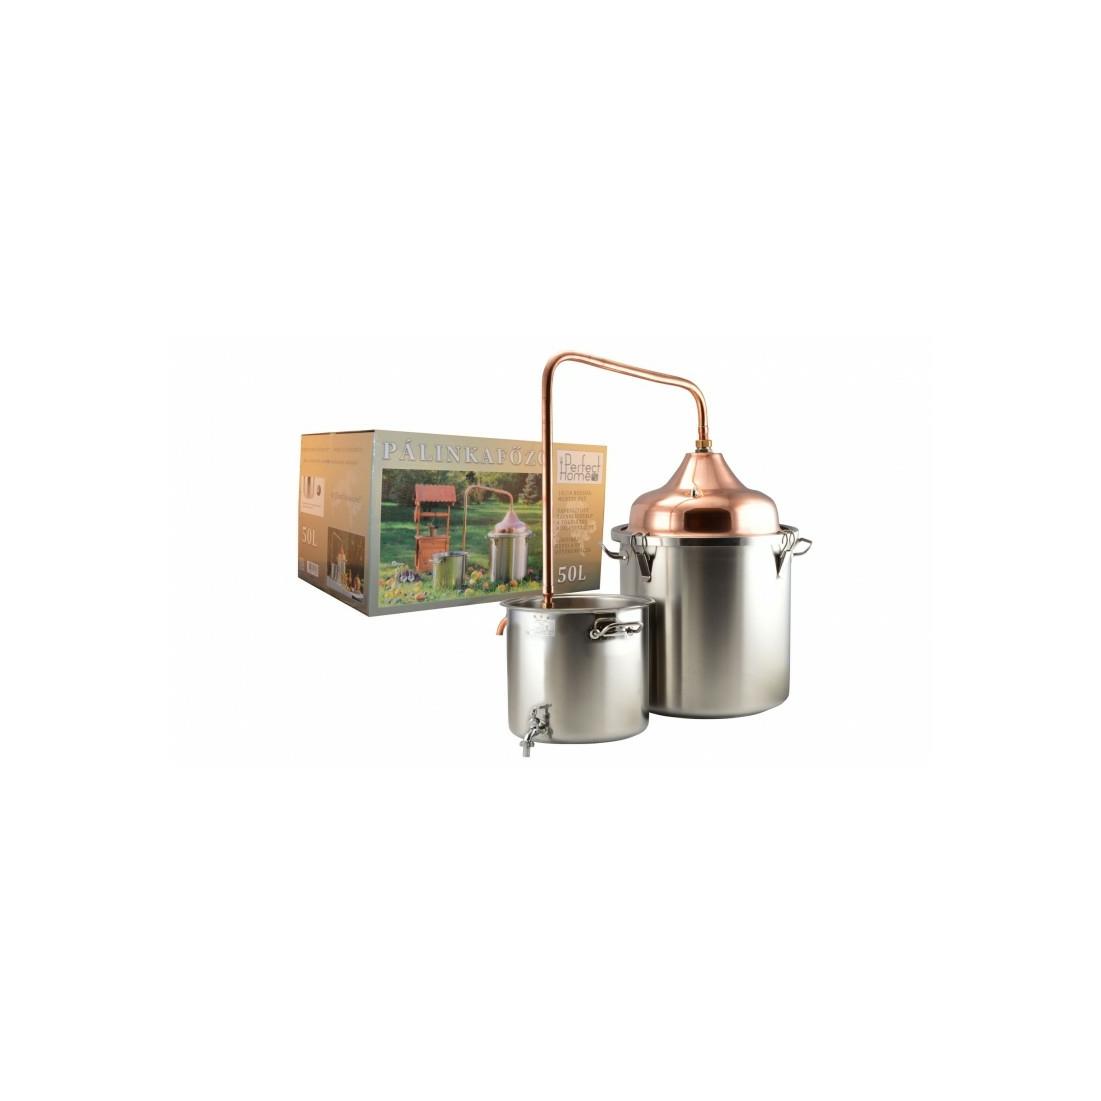 Pálinkafőző inox 50 liter